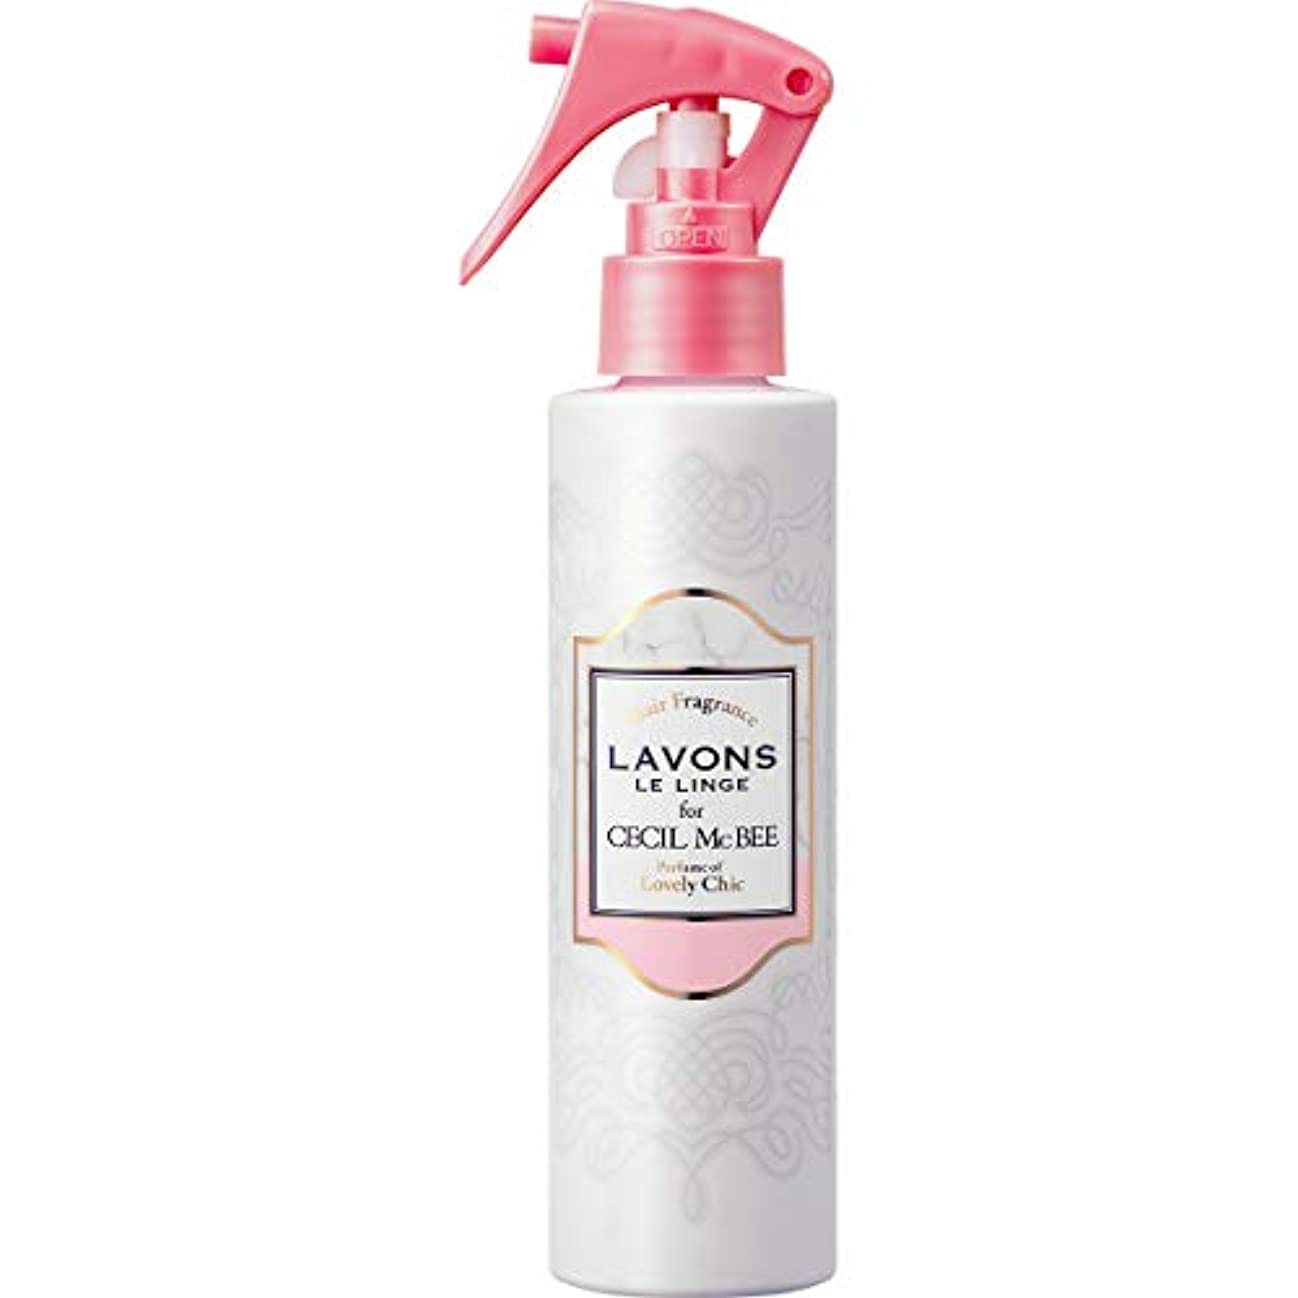 ハードワーディアンケース視力ラボン for CECIL McBEE ヘアフレグランスミスト ラブリーシックの香り 150ml